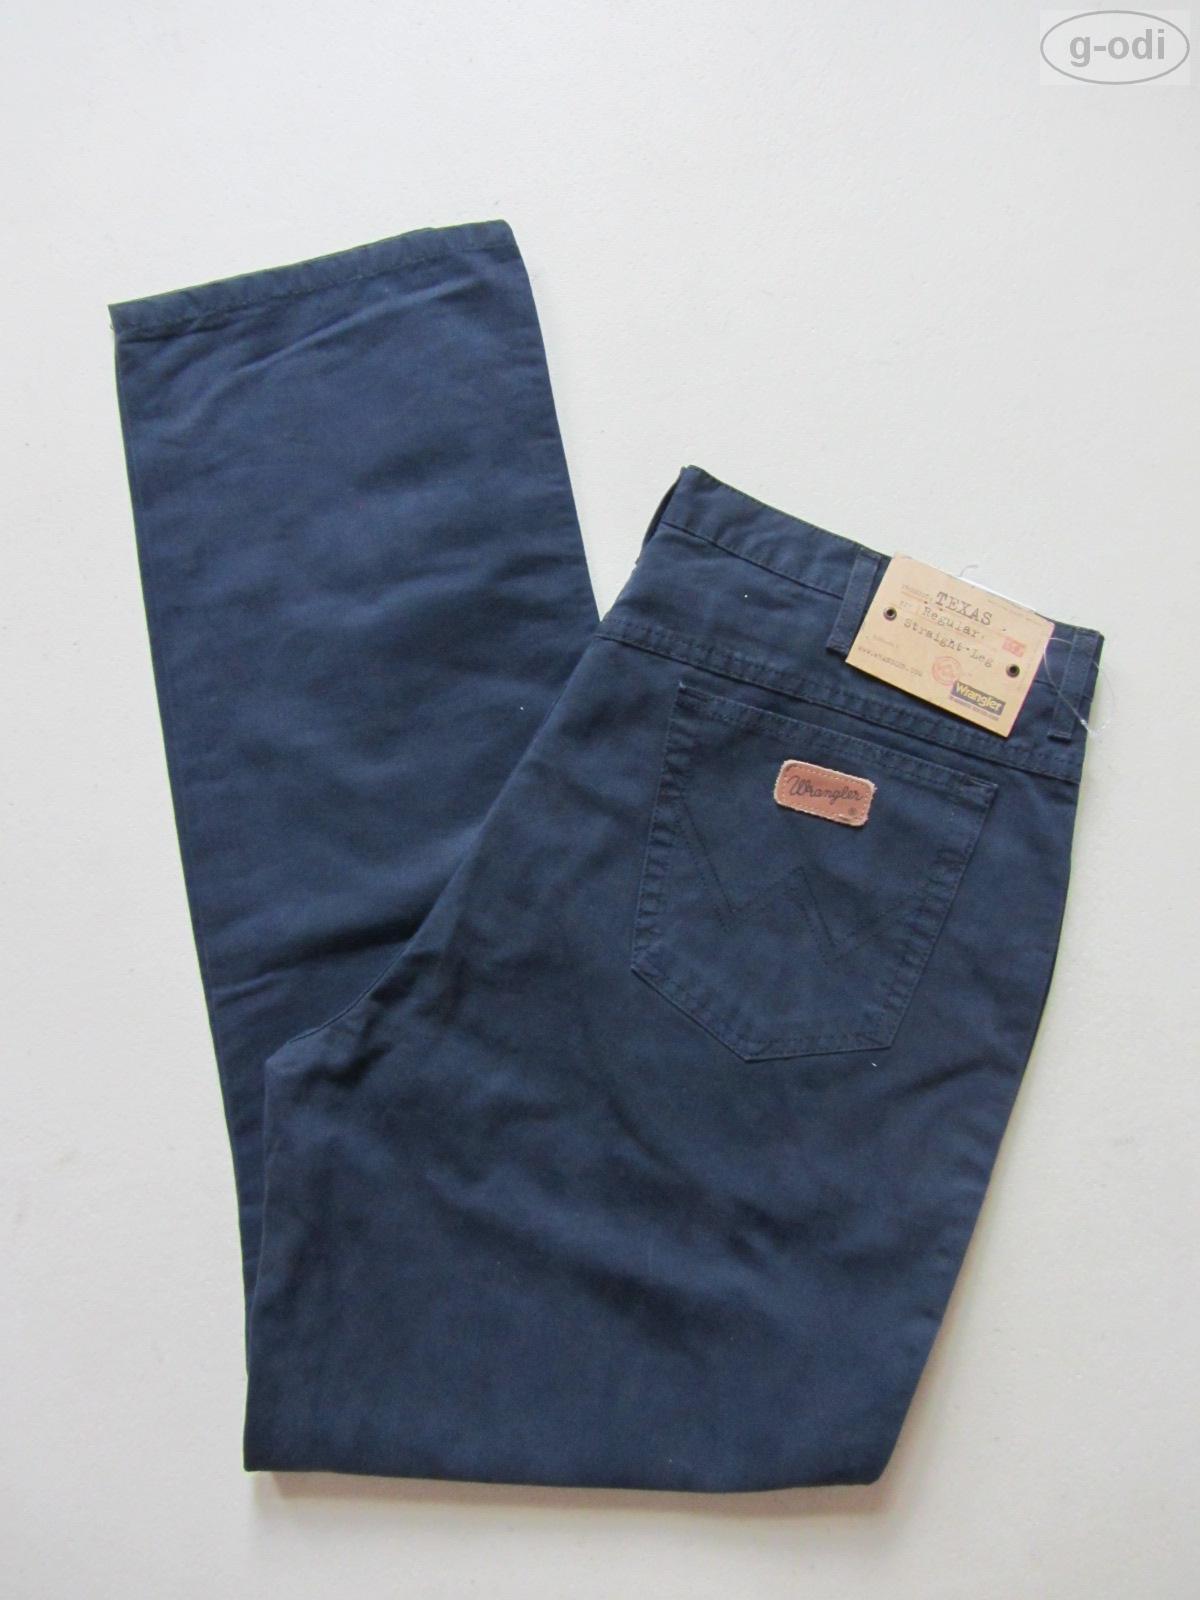 Wrangler TEXAS Jeans Hose, W 40  L 34, marine blue, NEU   Indigo Denim, bequem